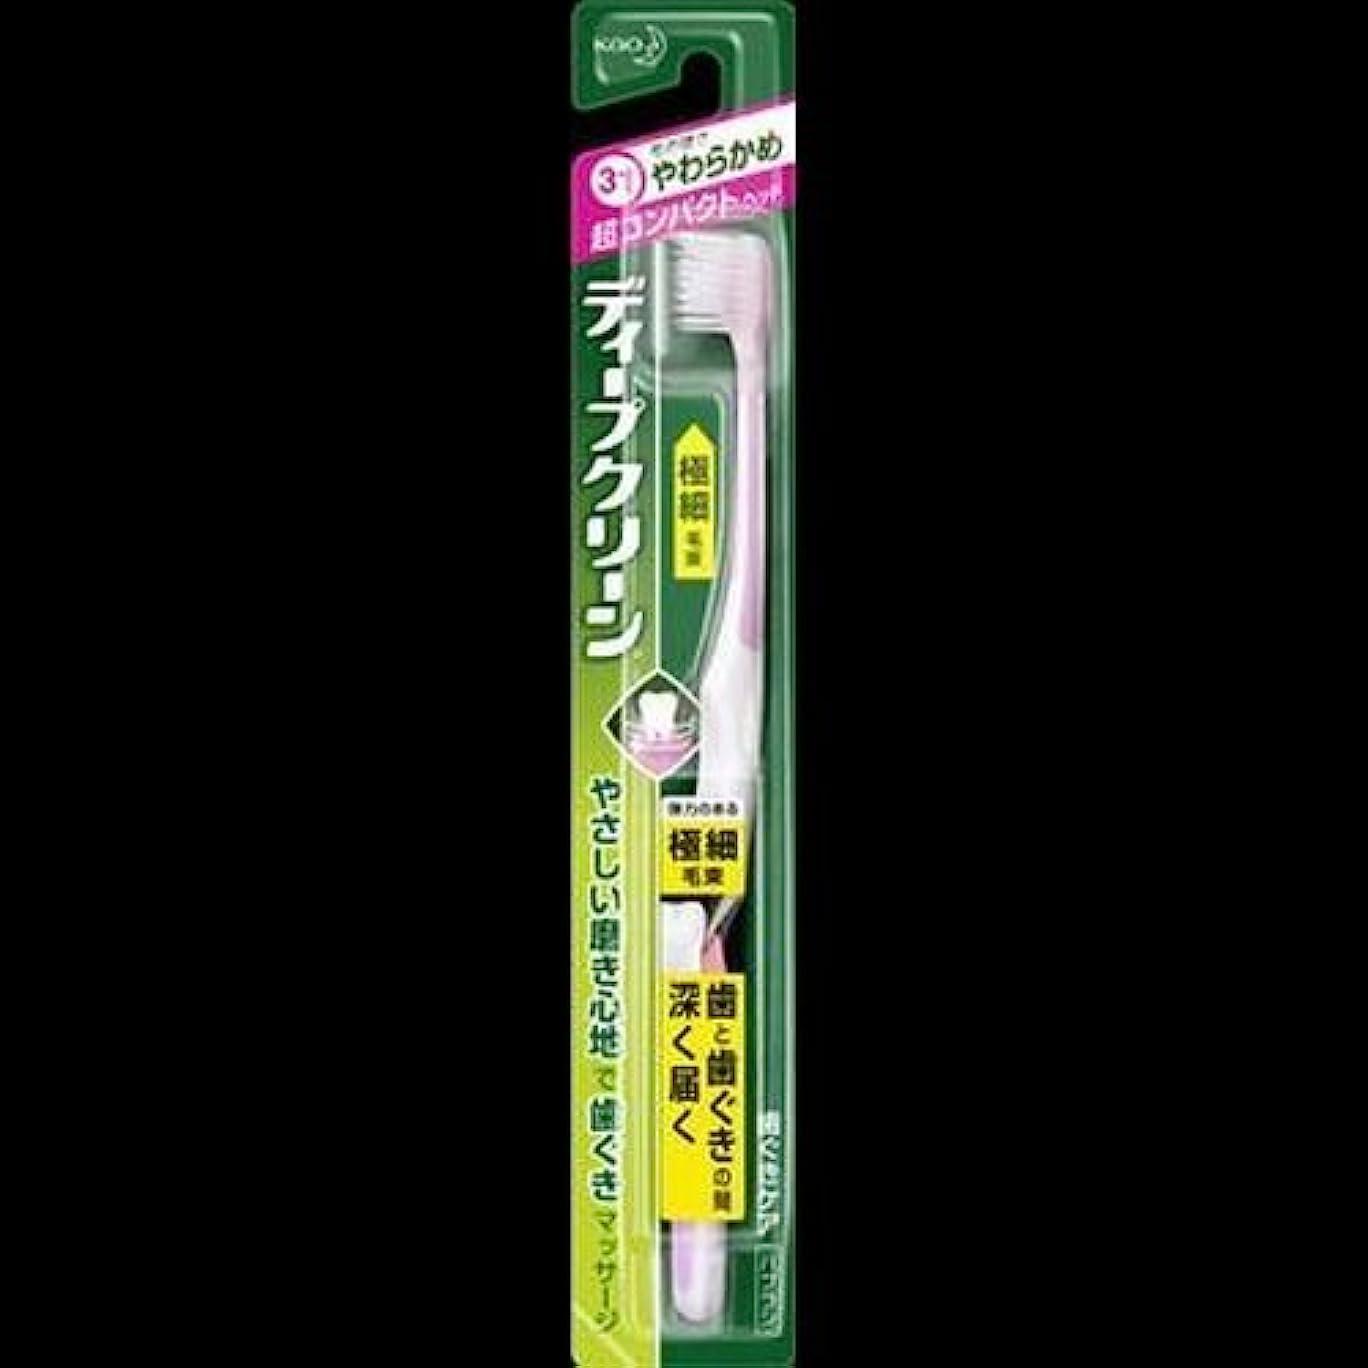 スペア歯痛目的【まとめ買い】ディープクリーンハブラシ 超コンパクト やわらかめ ×2セット